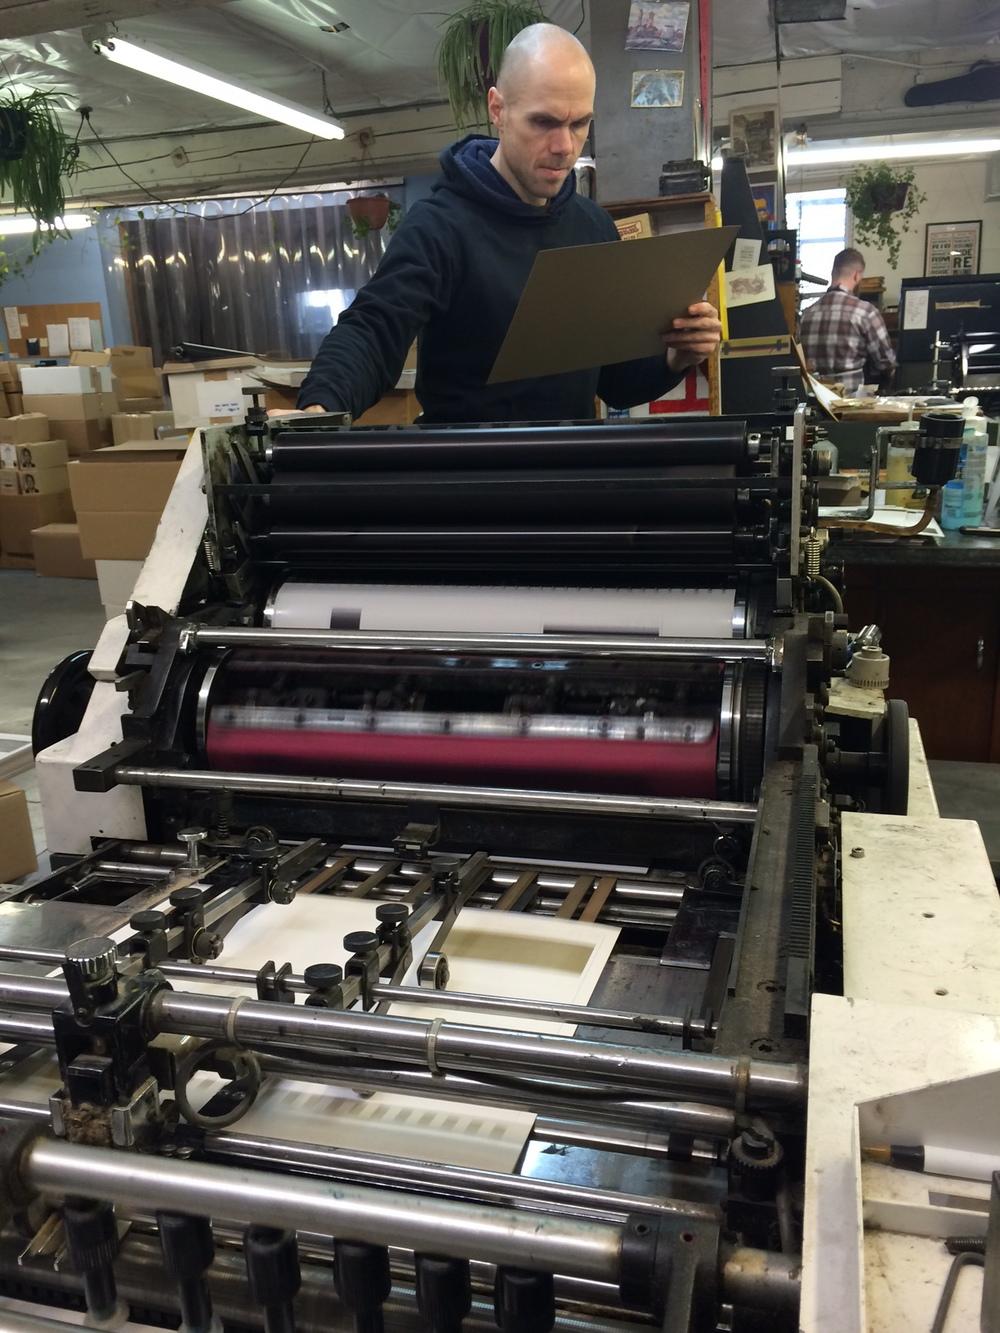 vhf137-6 on press.JPG